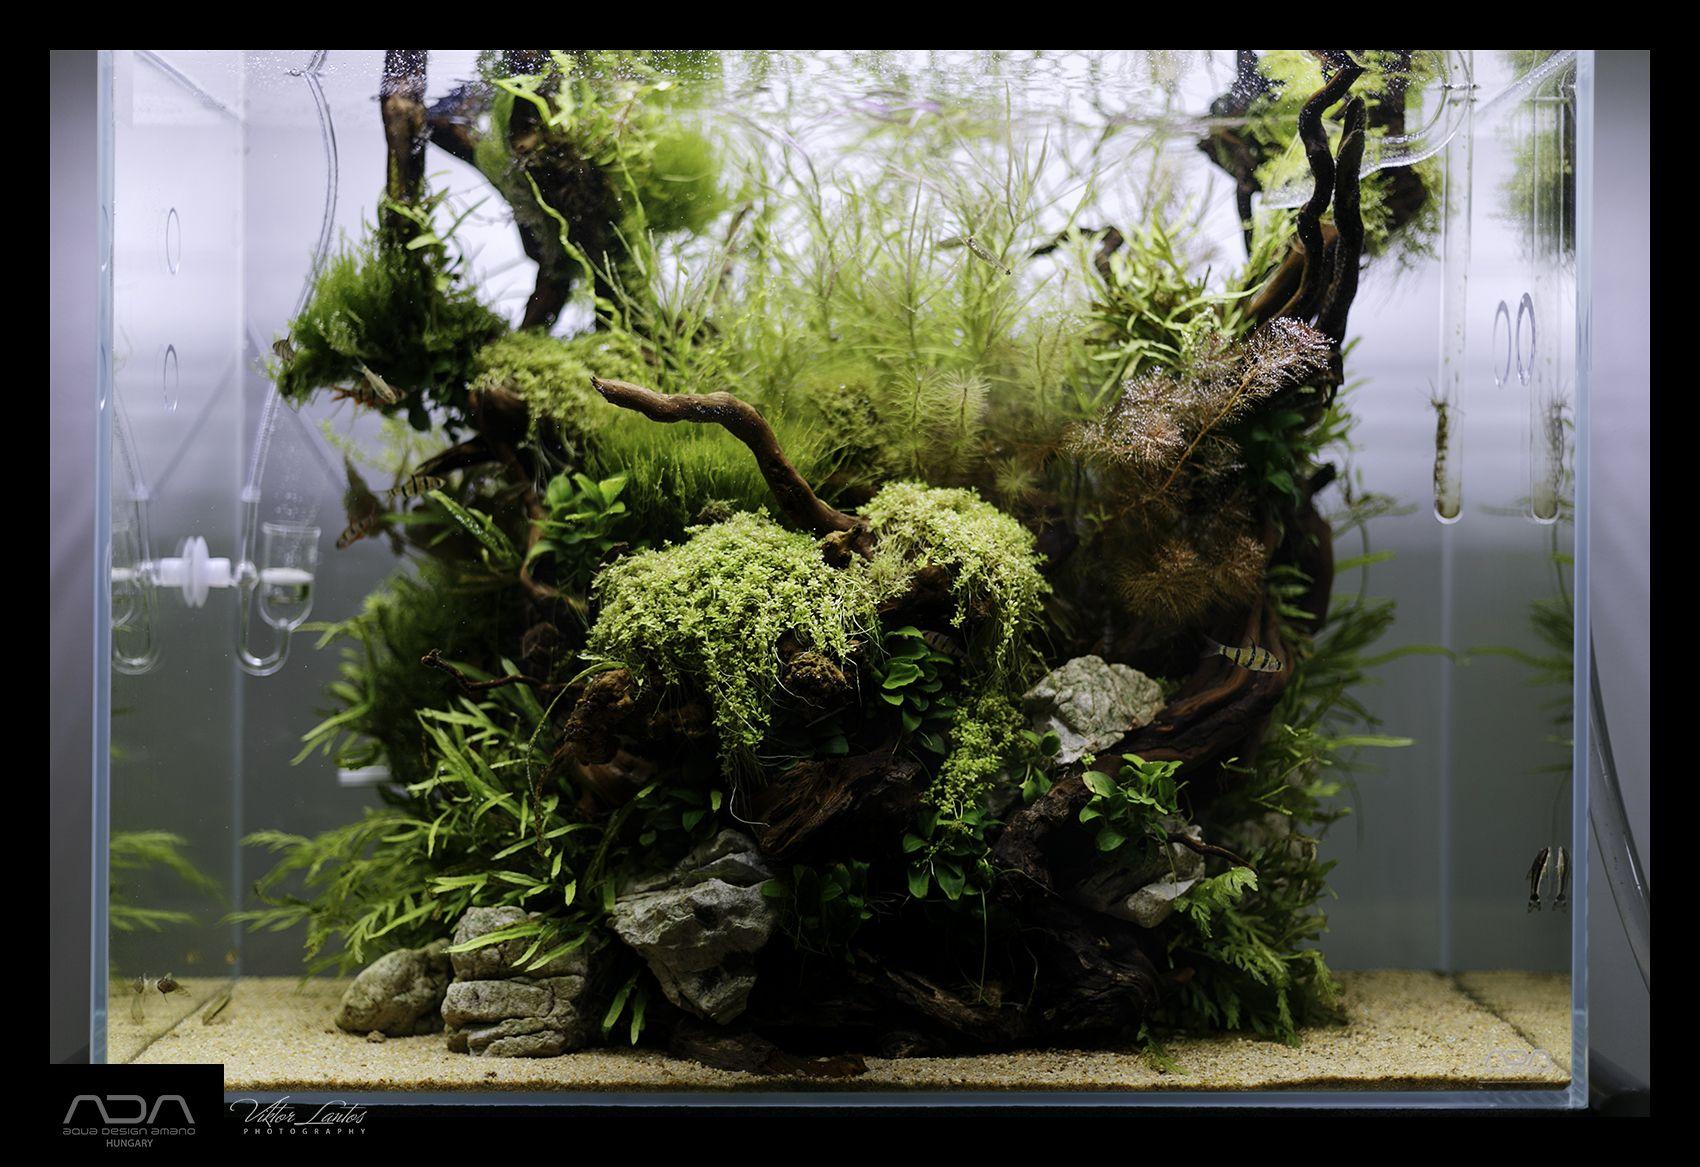 Aquascaping Planted Tank Planted Aquarium Aquascape Nature Aquarium